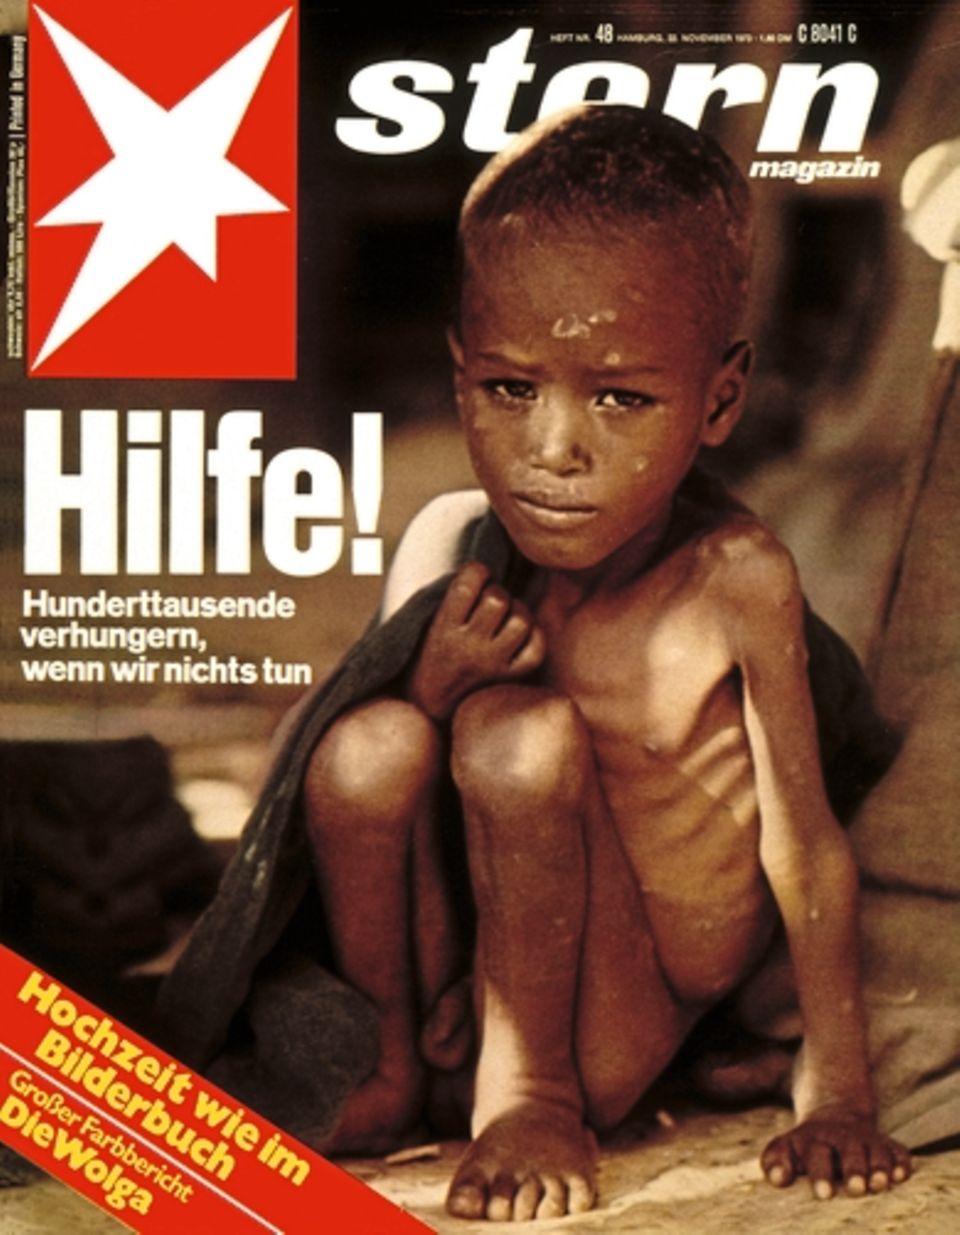 1973, Afrika hungert. Eine Titelgeschichte lenkt die Aufmerksamkeit auf die Hungersnot in Äthiopien